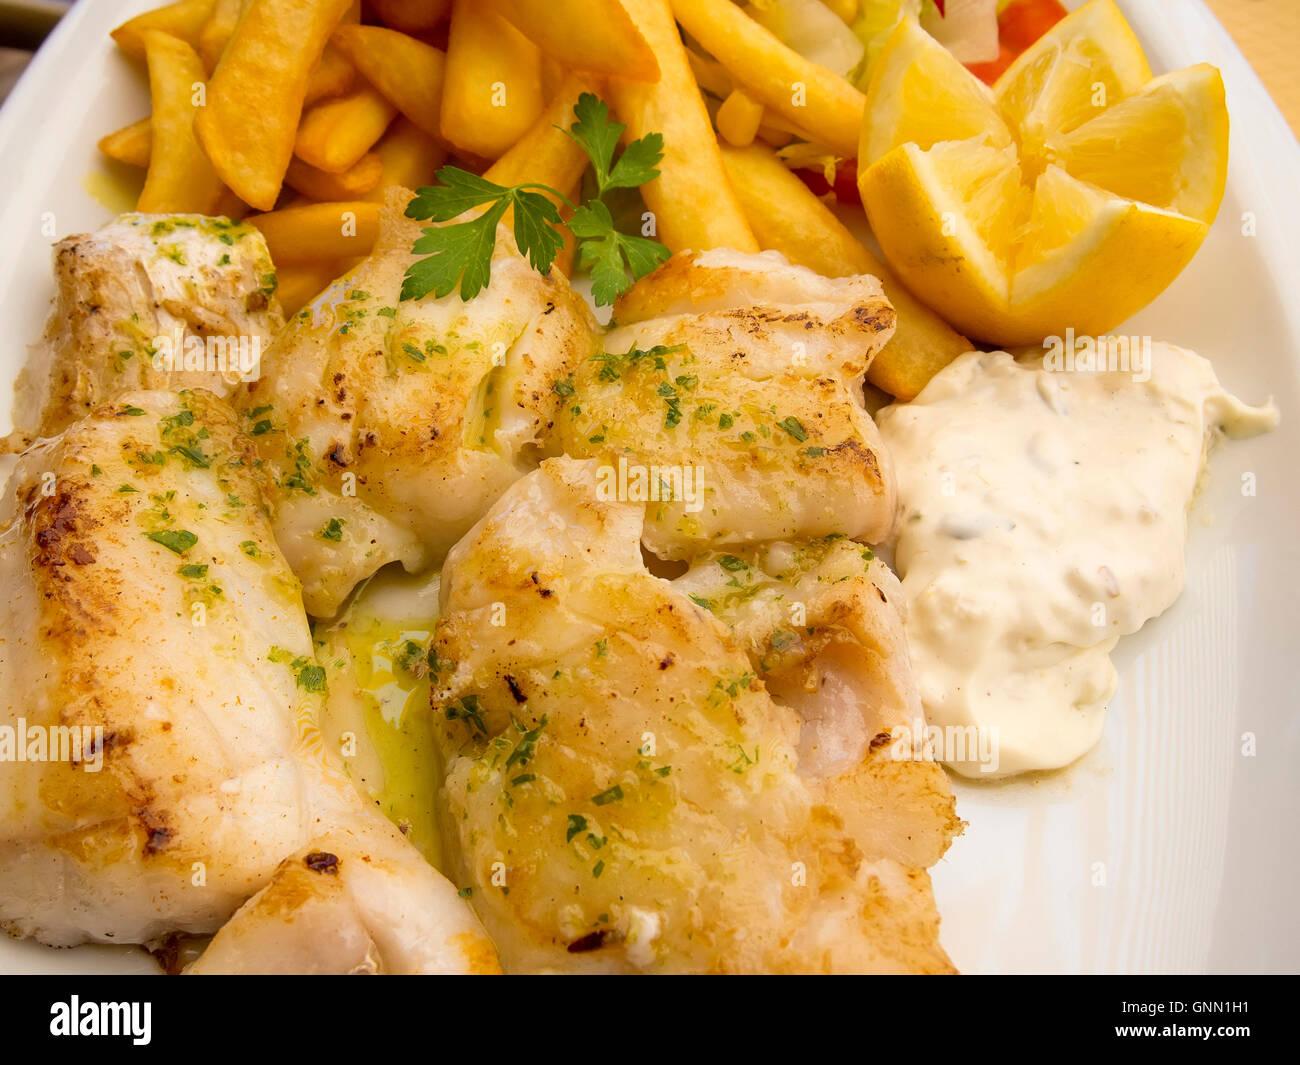 Le poisson grillé avec des frites et de la mayonnaise Photo Stock